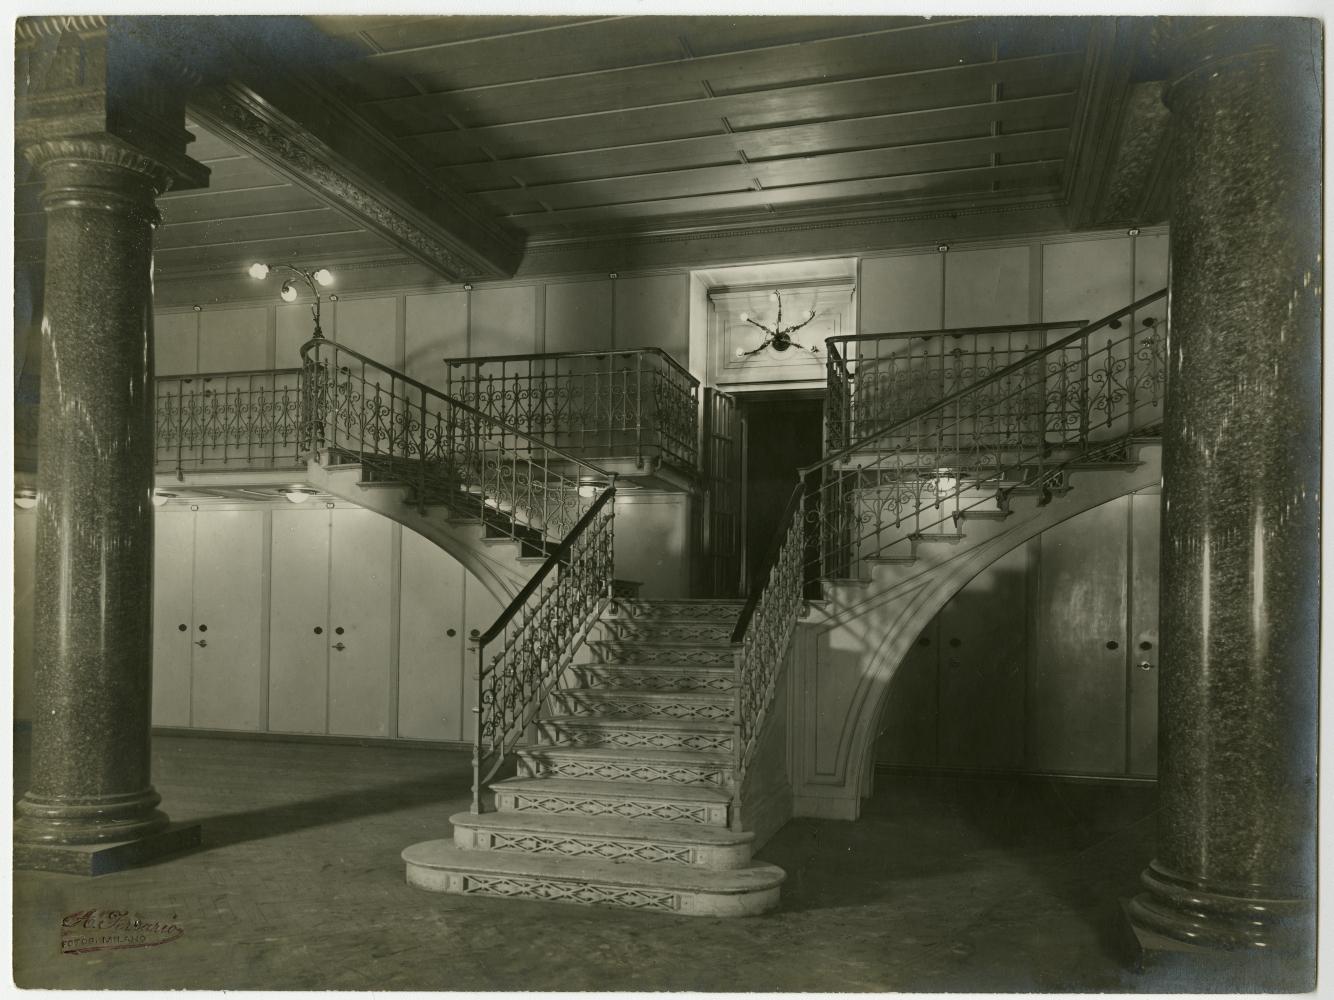 Il caveau, Palazzo Comit, 1911,  Fotografo Achille Ferrario,  Archivio storico del Gruppo Intesa Sanpaolo